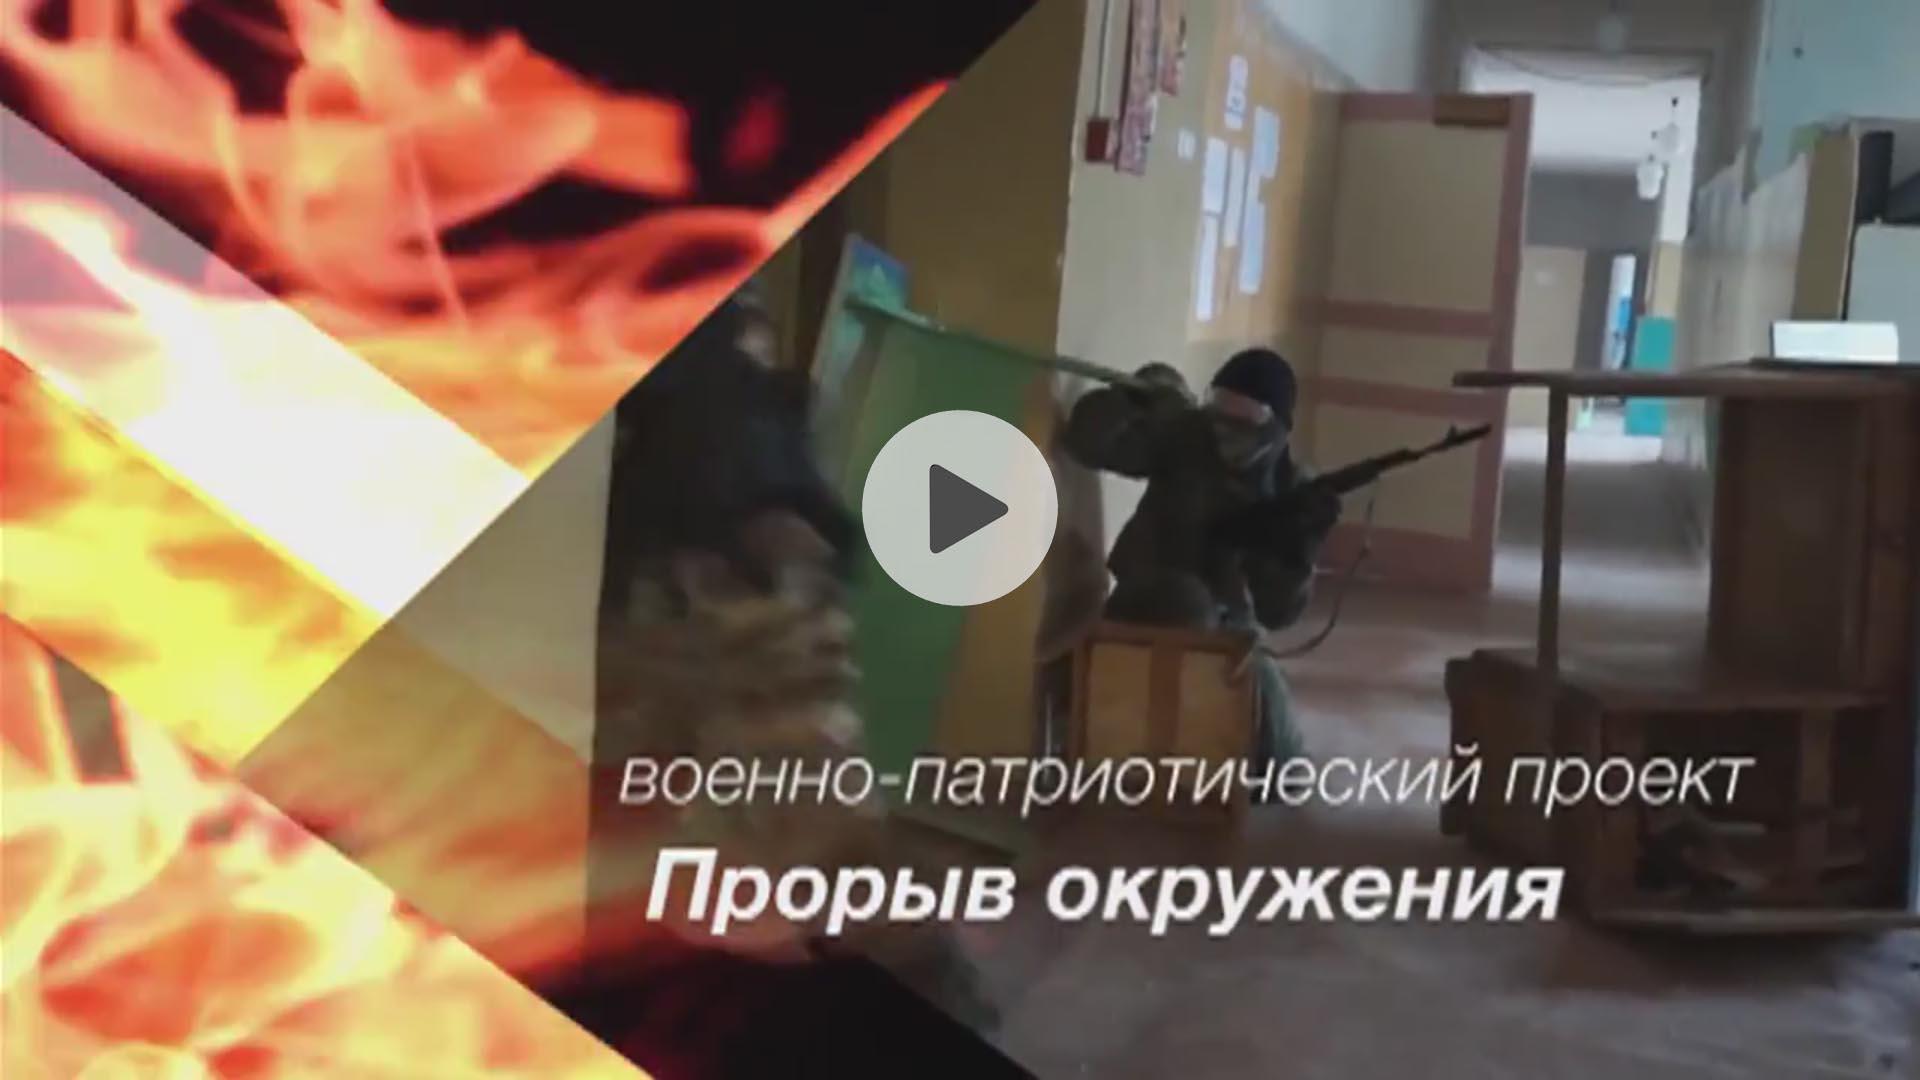 Видеосъемка репортажей в Брянске